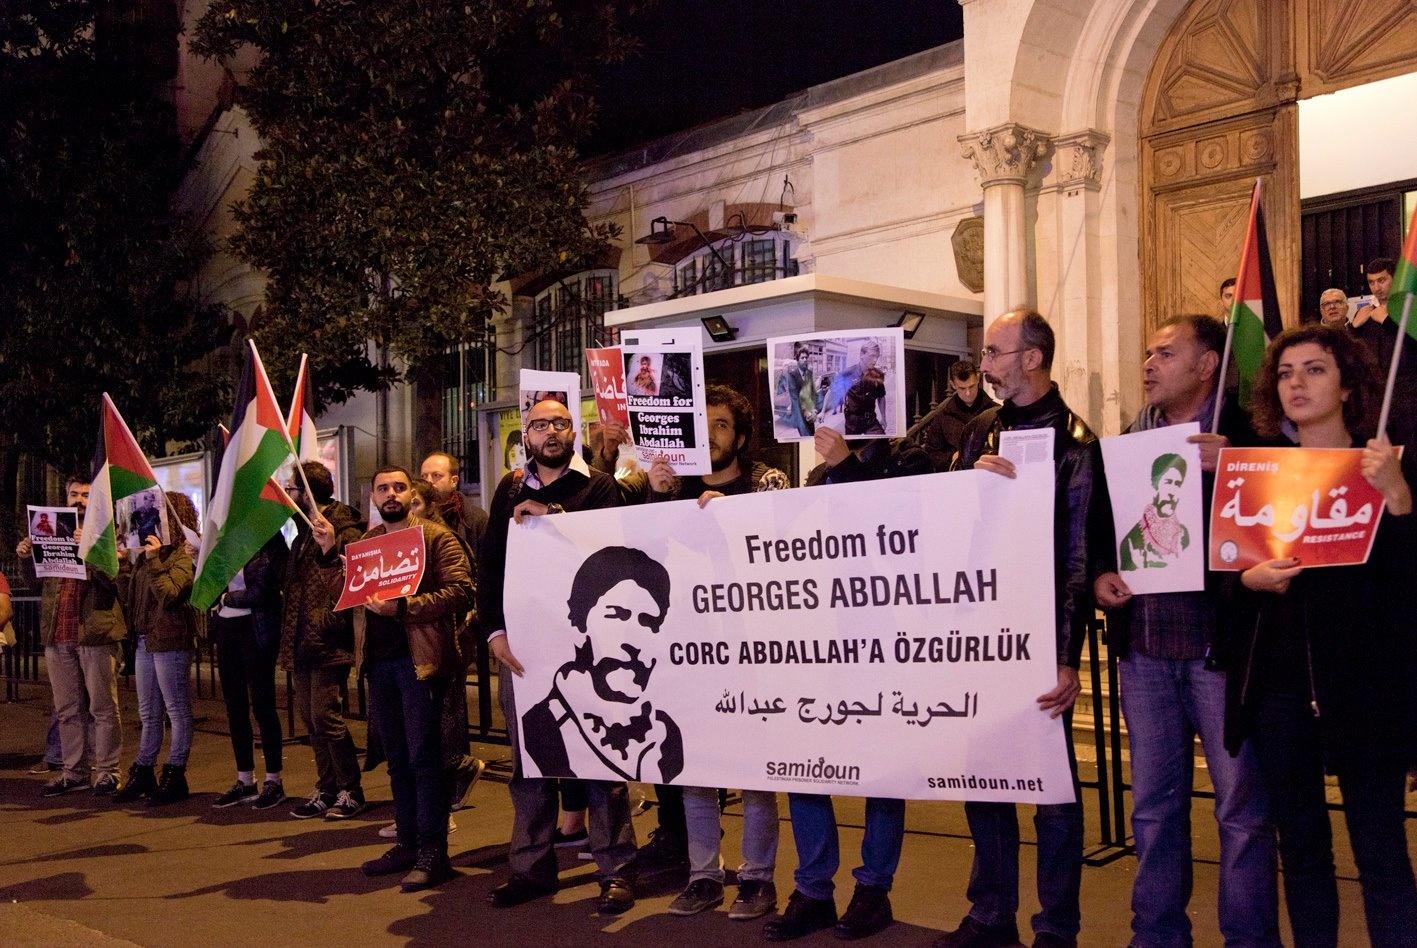 Succès de la semaine internationale d'actions pour la libération de Georges Abdallah !